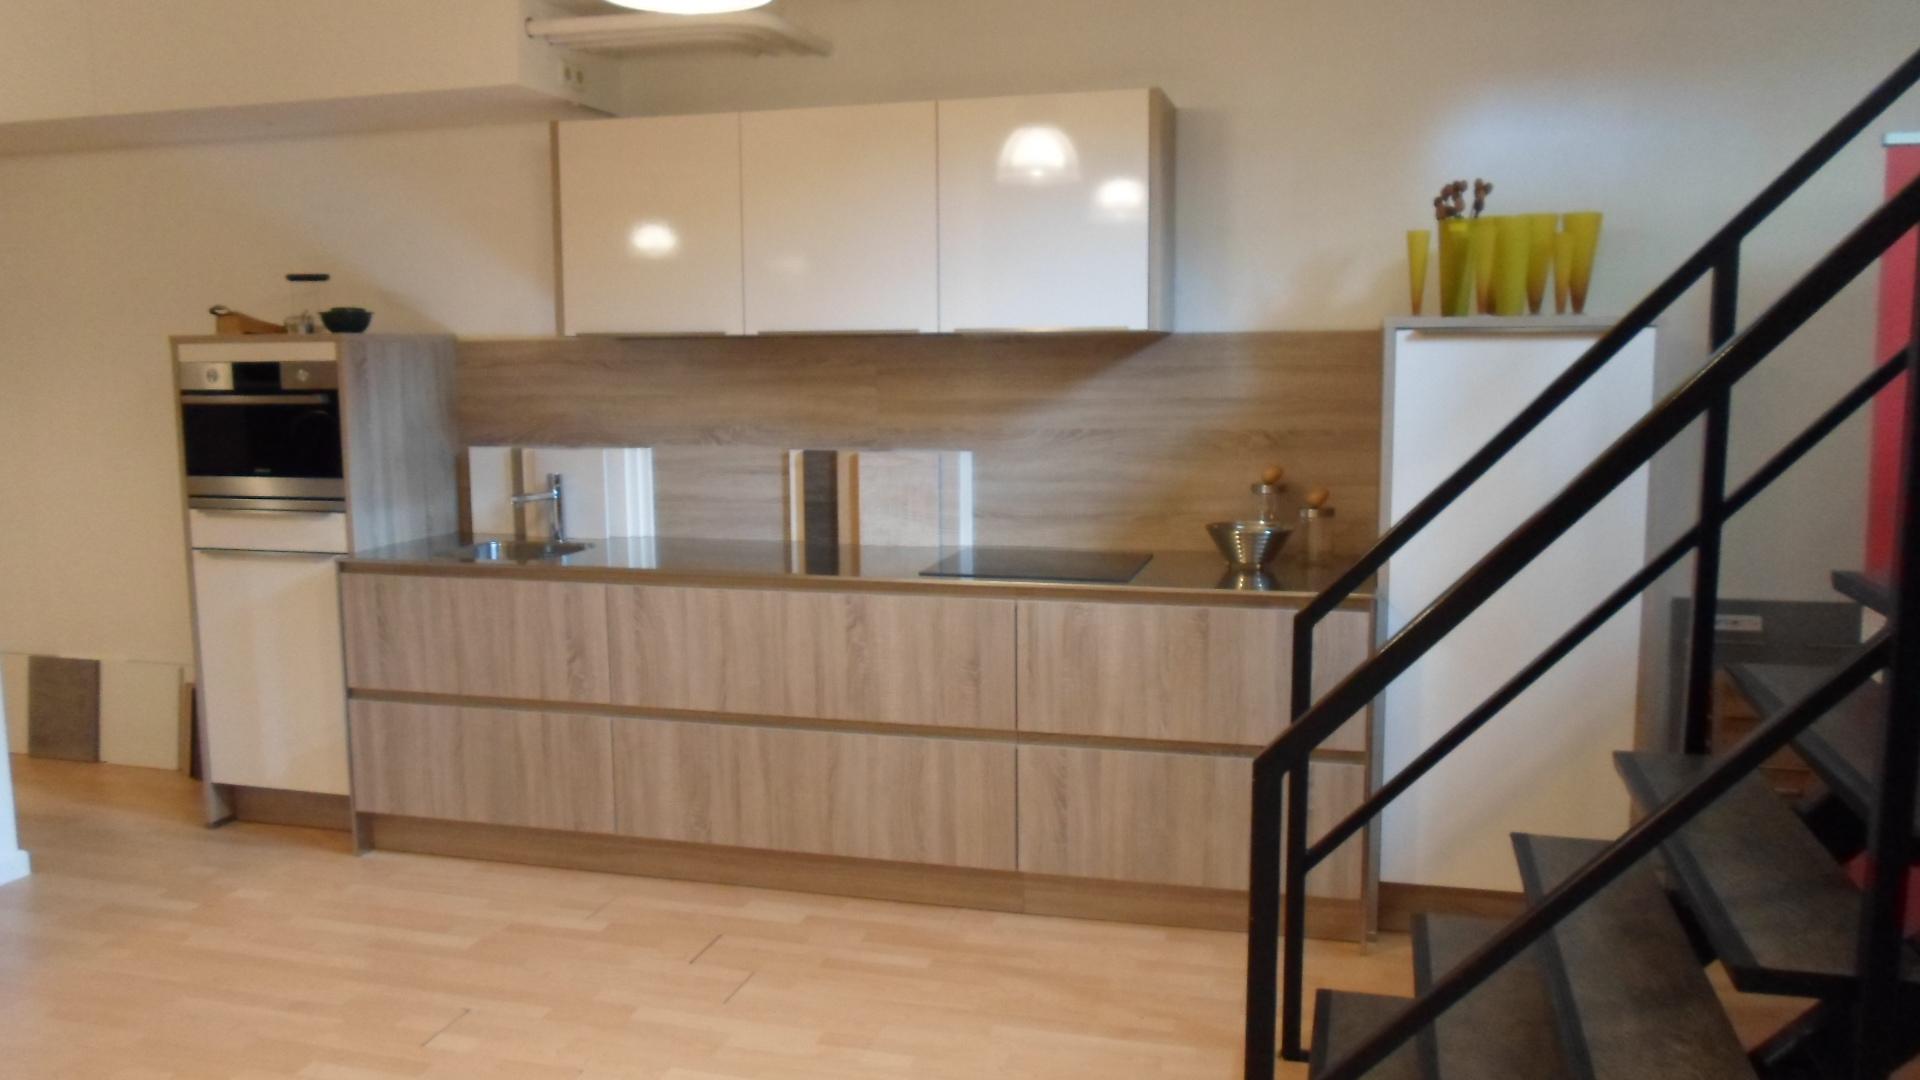 Showroom sale   rikken keukens